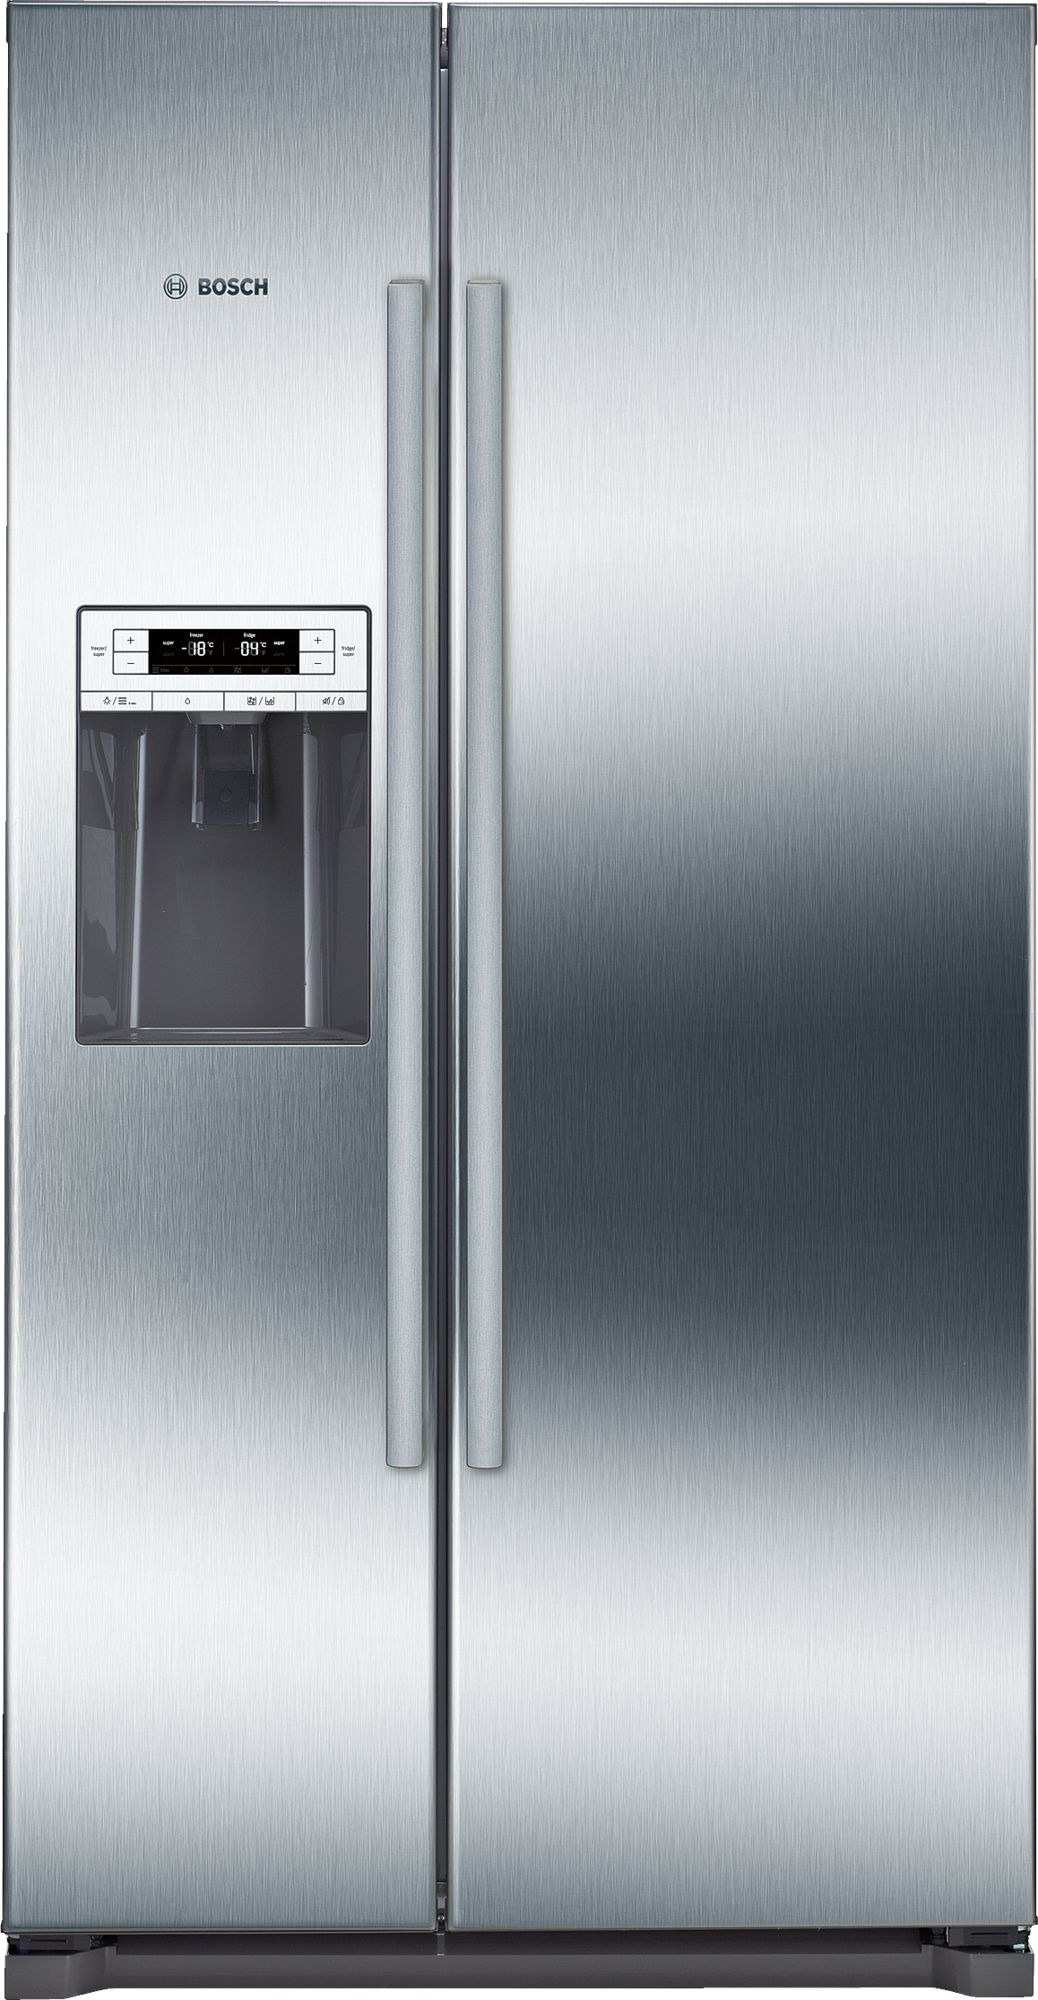 Bếp từ, hút mùi, máy rửa bát, tủ lạnh Bosch, AEG, Siemens, Miele, Caso, Rommelsbacher hàng Đức